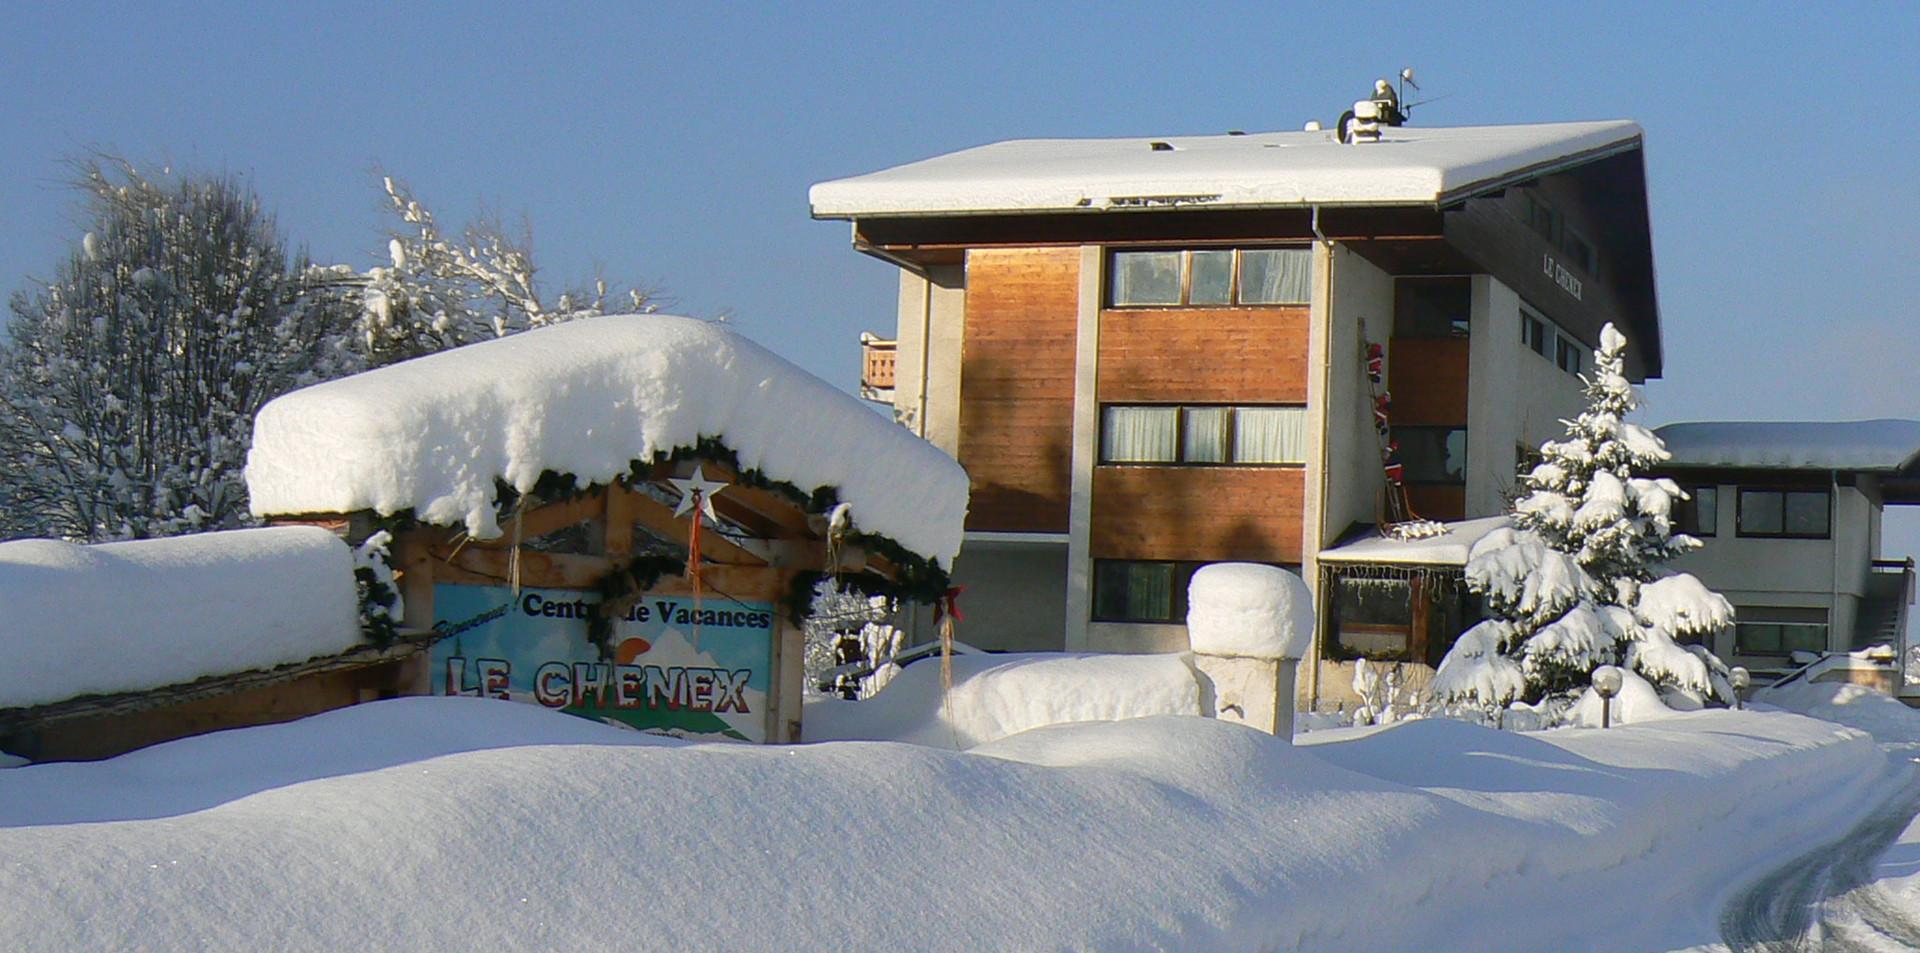 Classes de neige Bernex 1.jpg